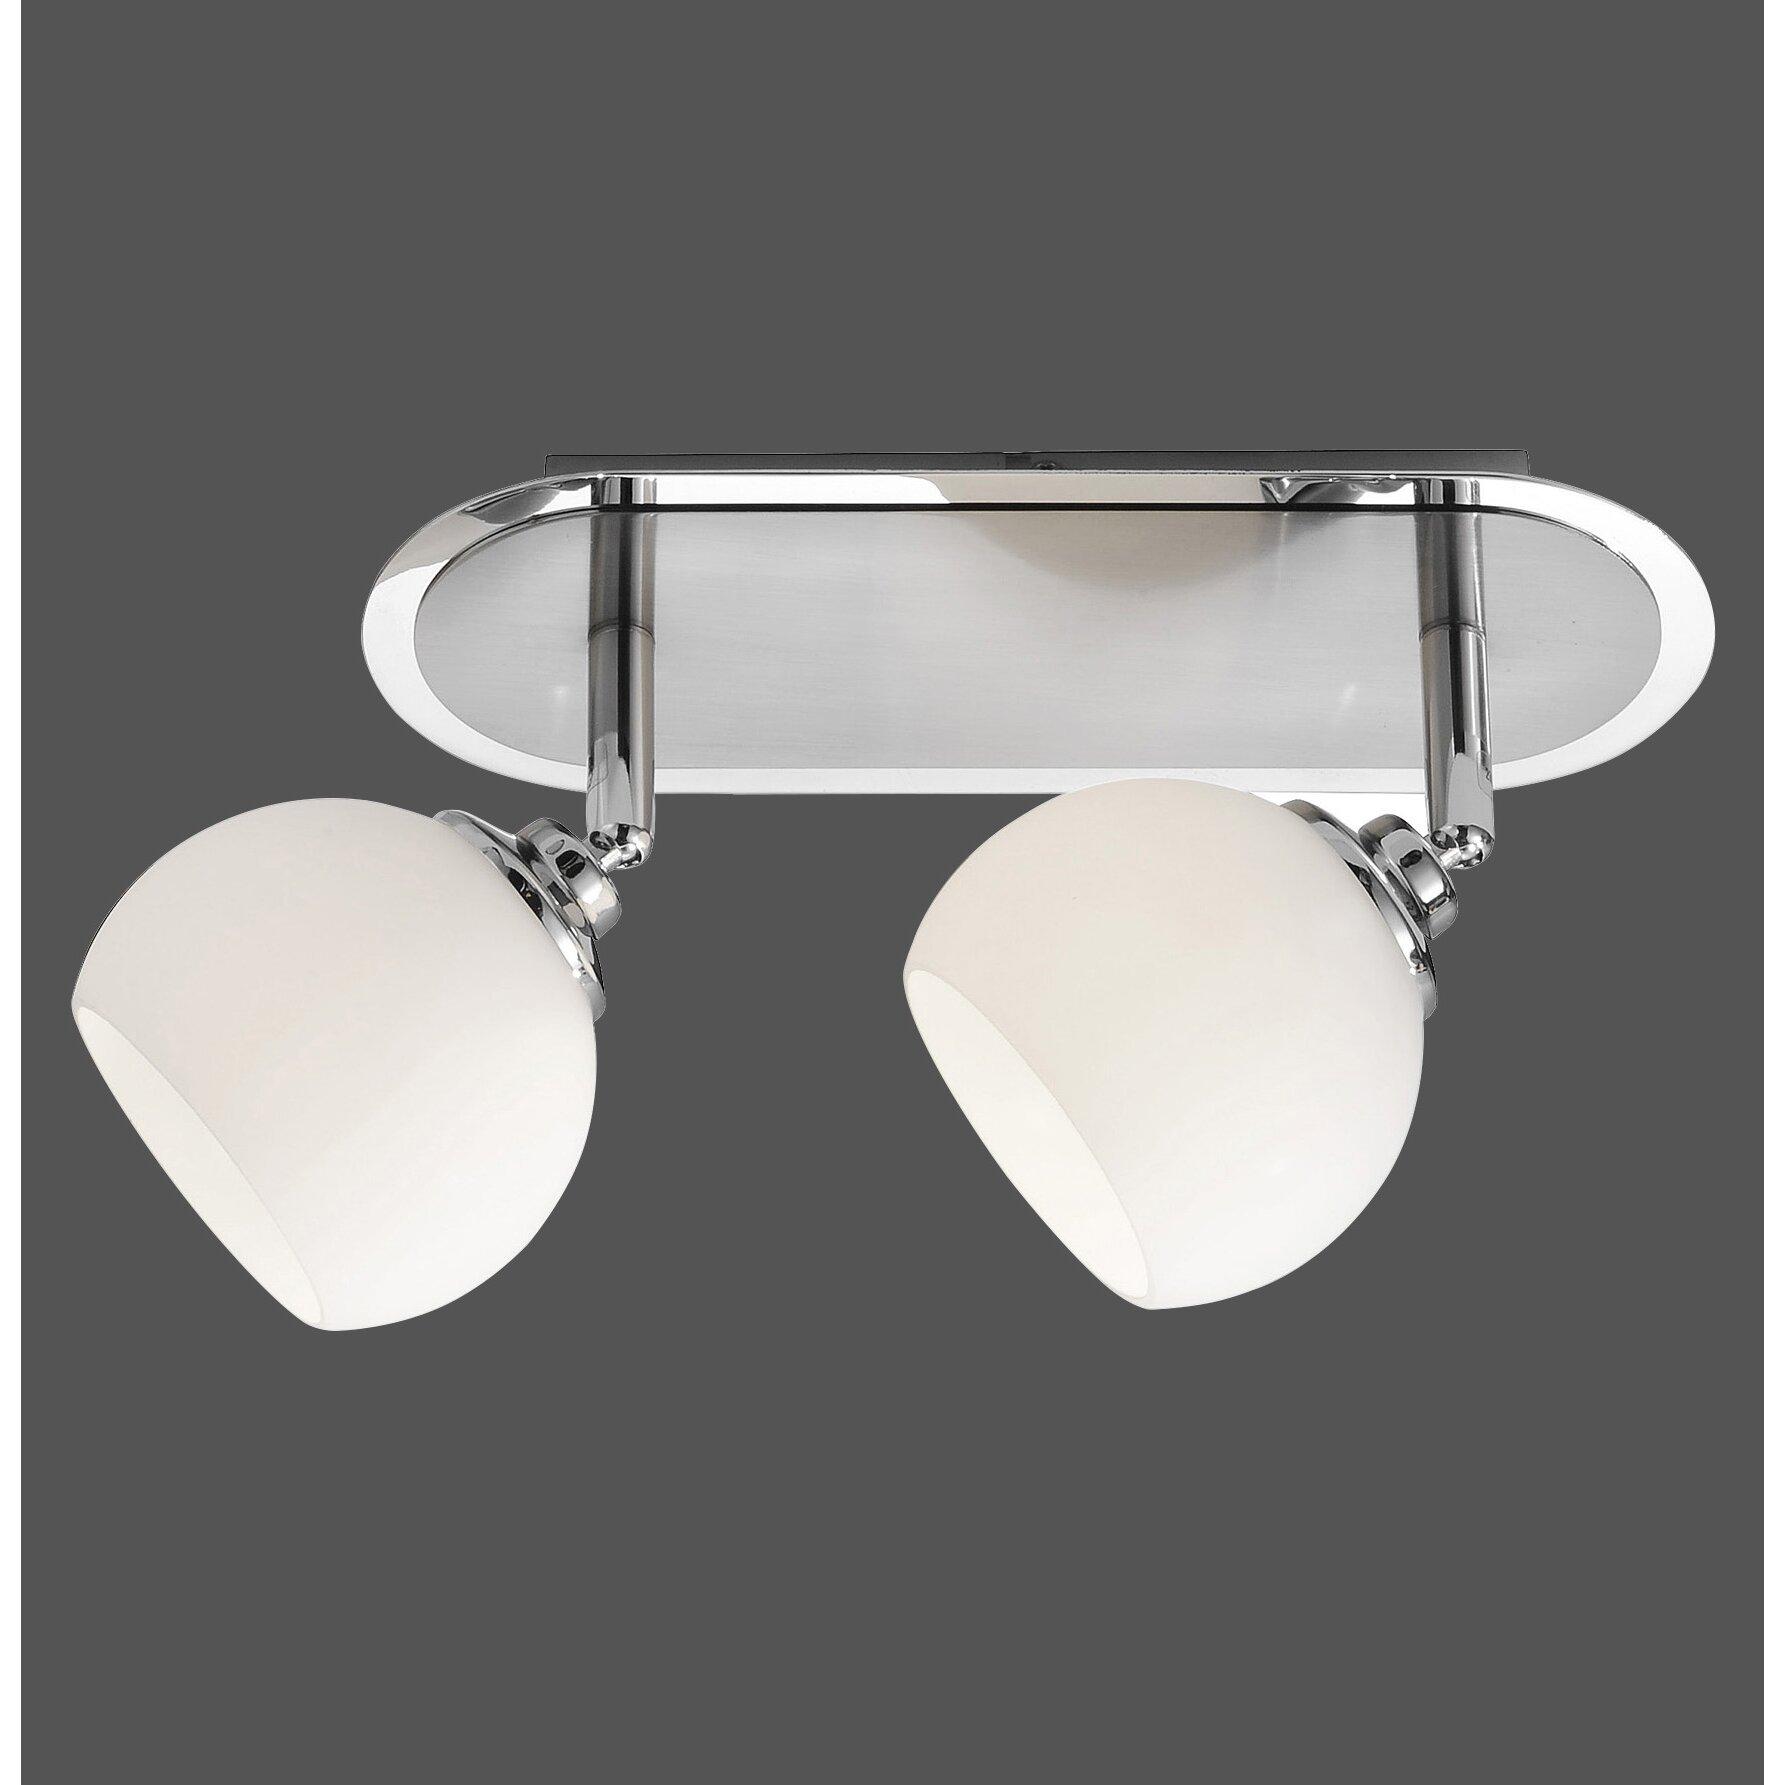 Paul Neuhaus Kwee 2 Light Ceiling Spotlight Amp Reviews